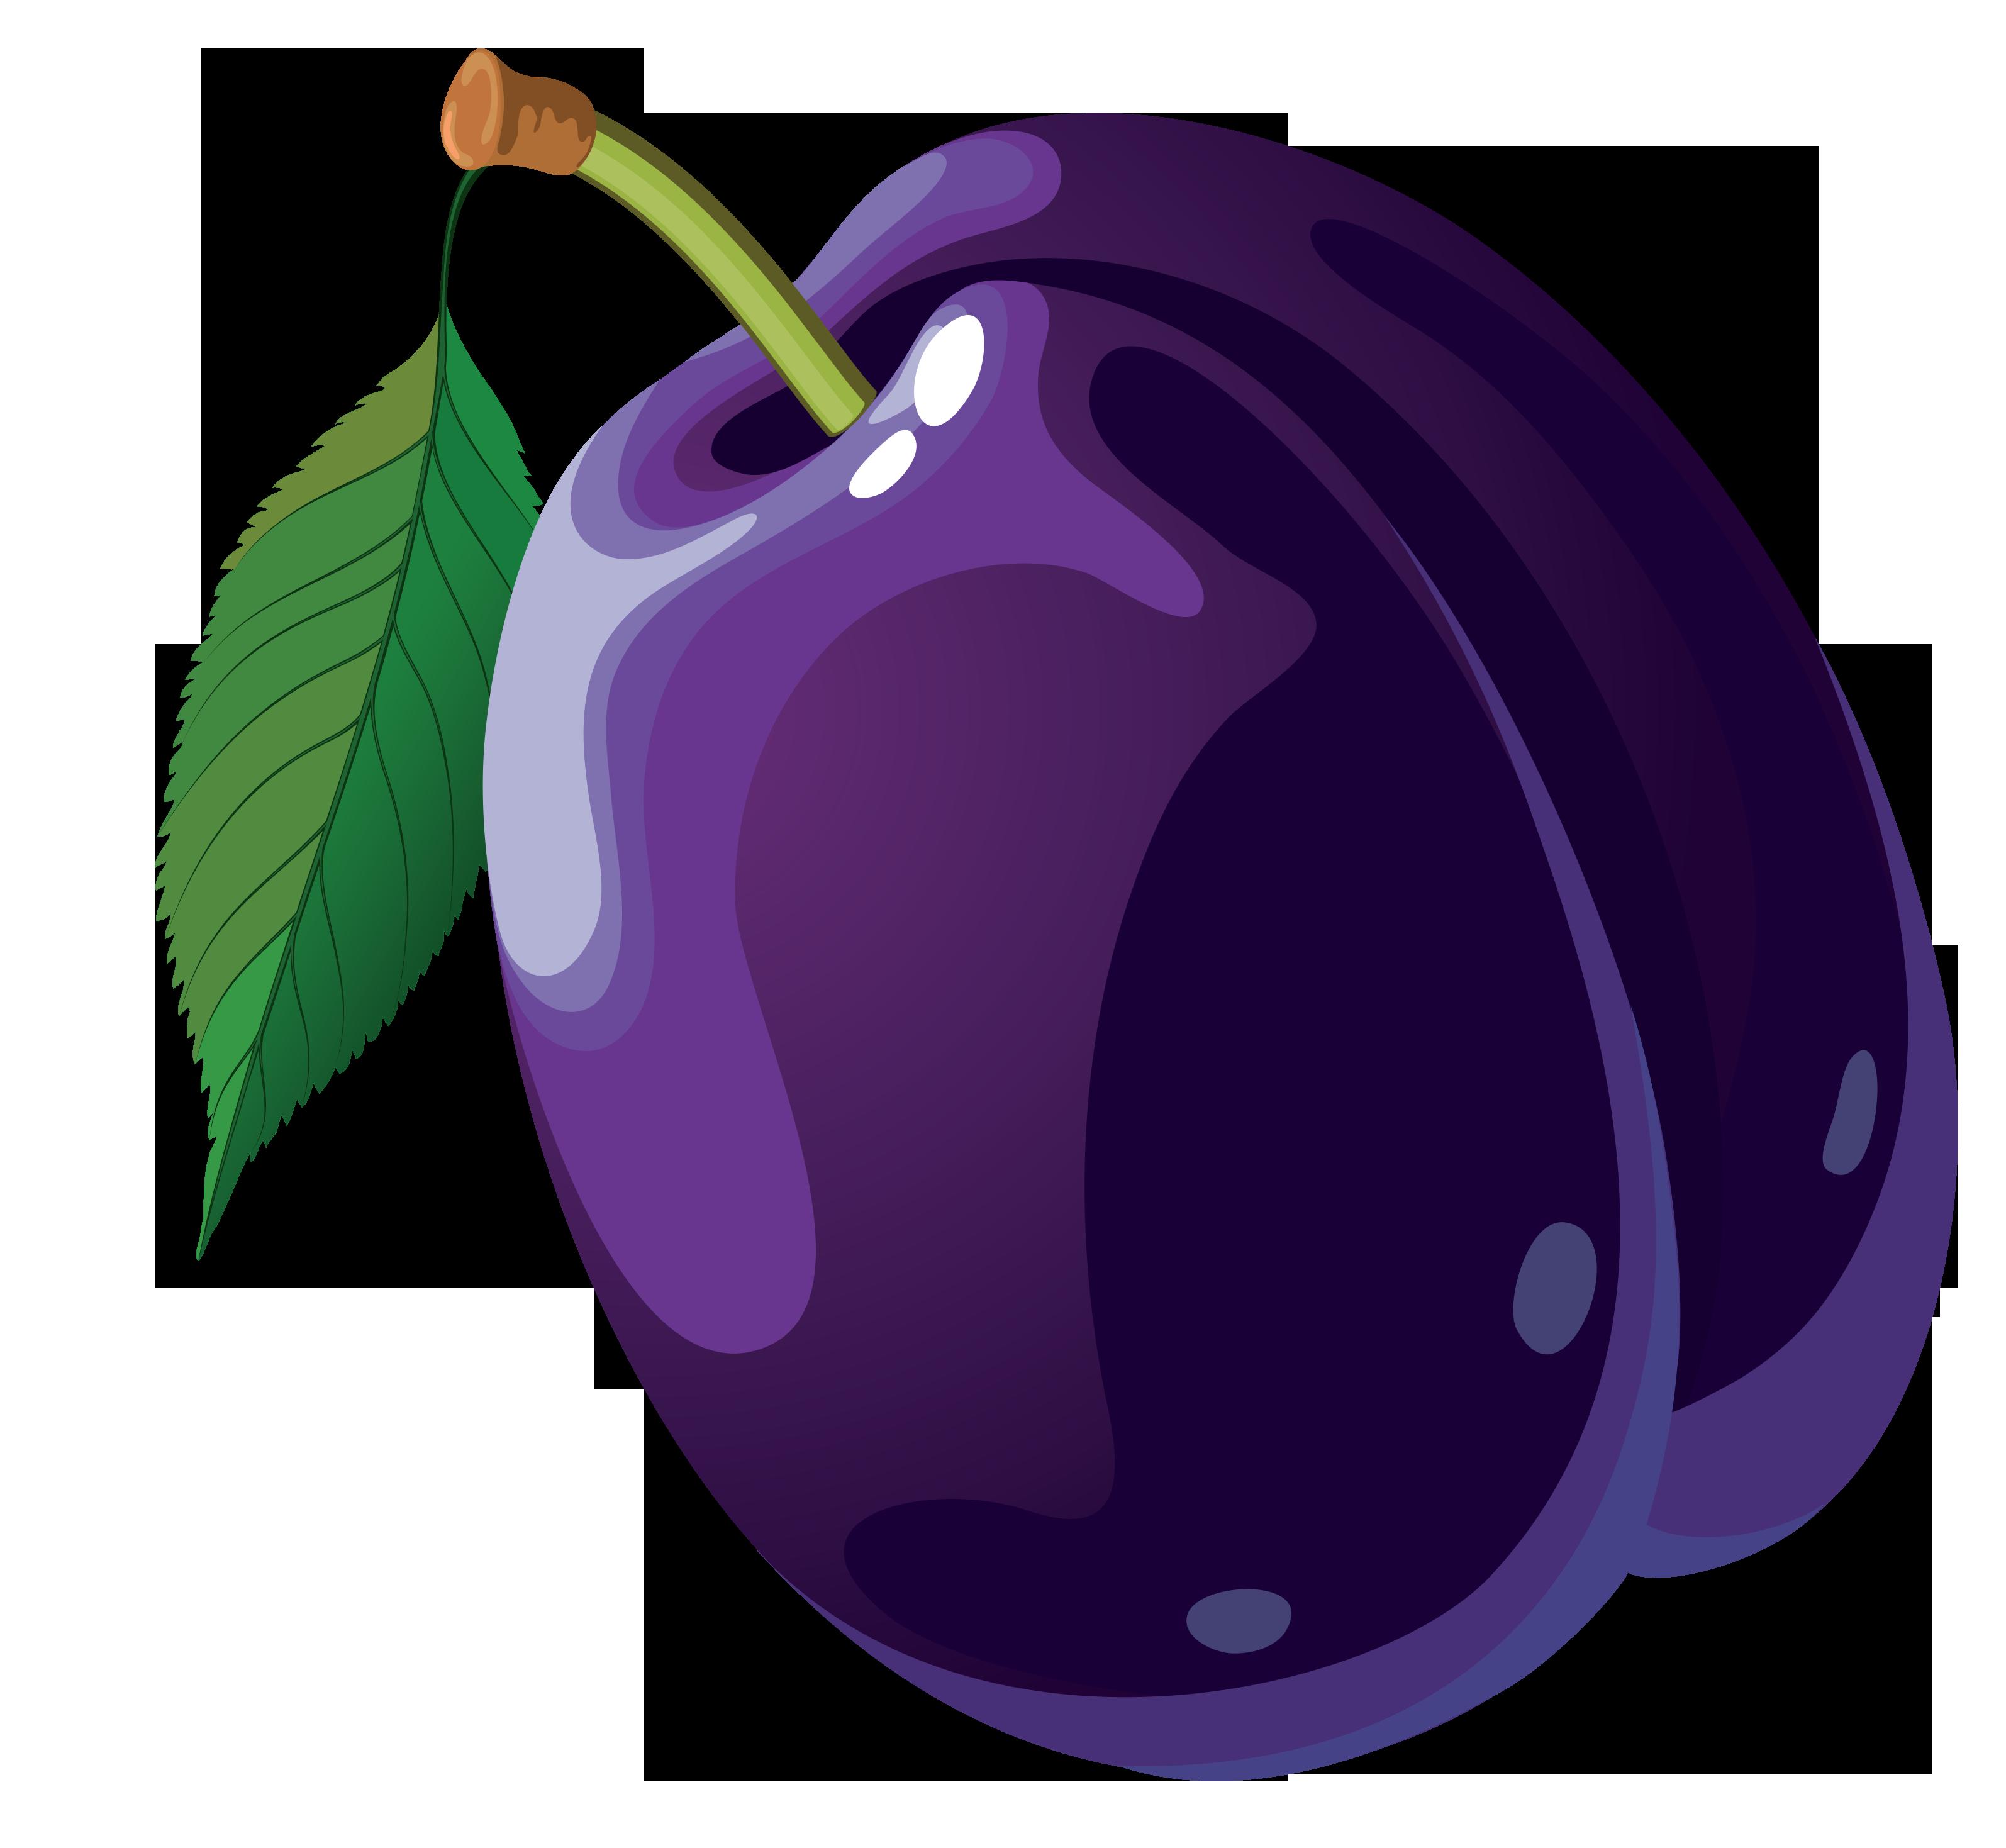 ec a cd. Eggplant clipart individual fruit vegetable